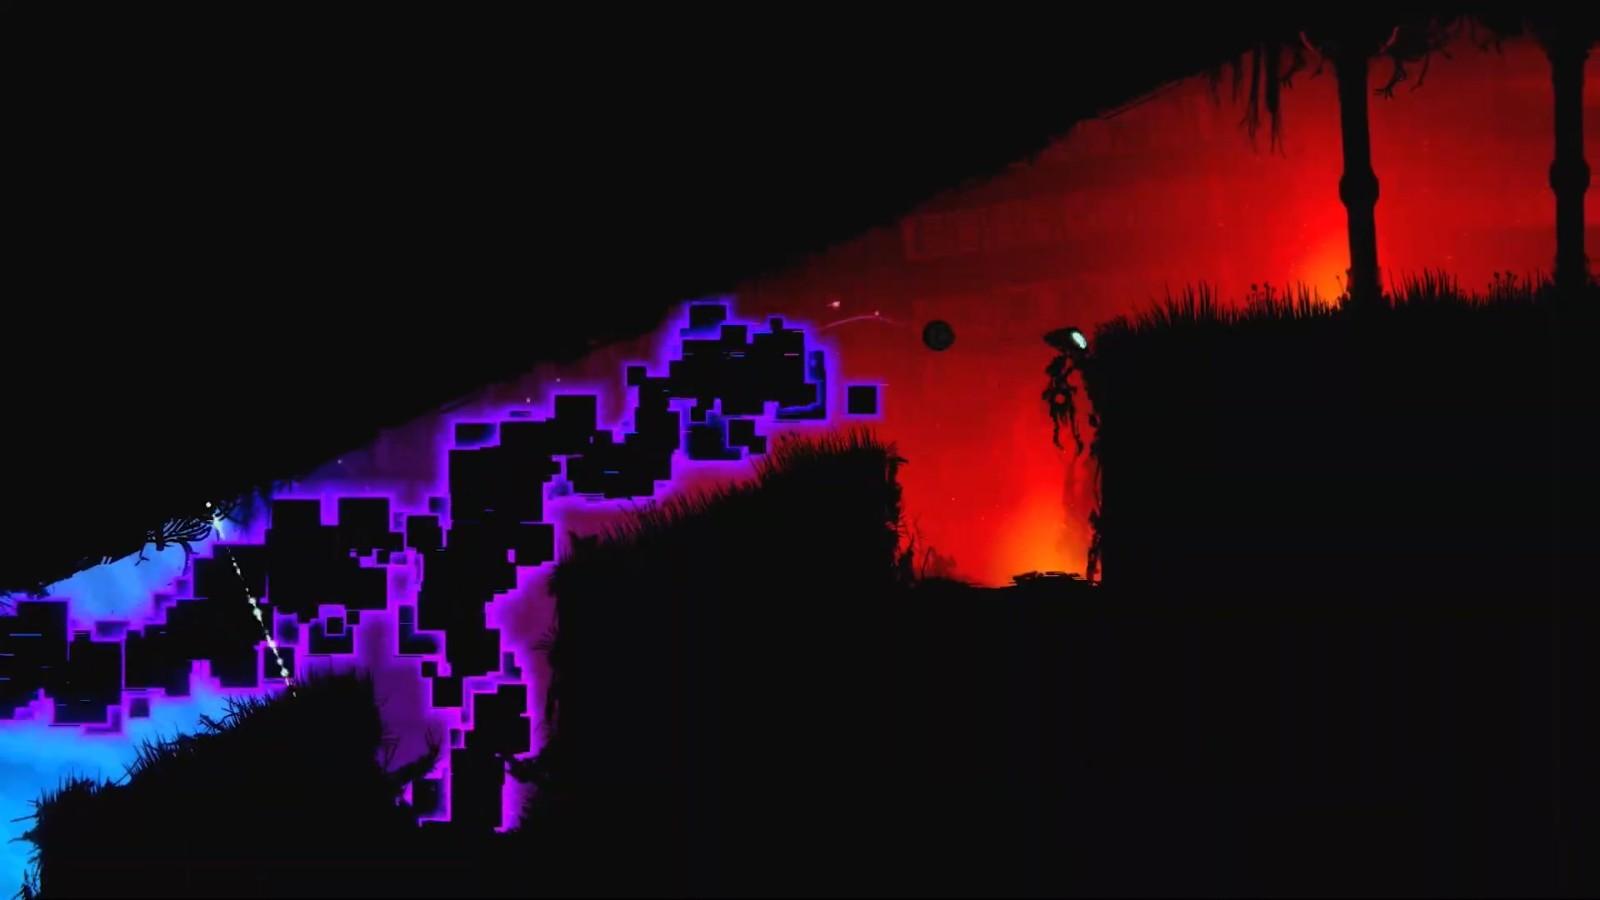 横版解谜《Vesper》7月30日登陆PC 试玩版已上线